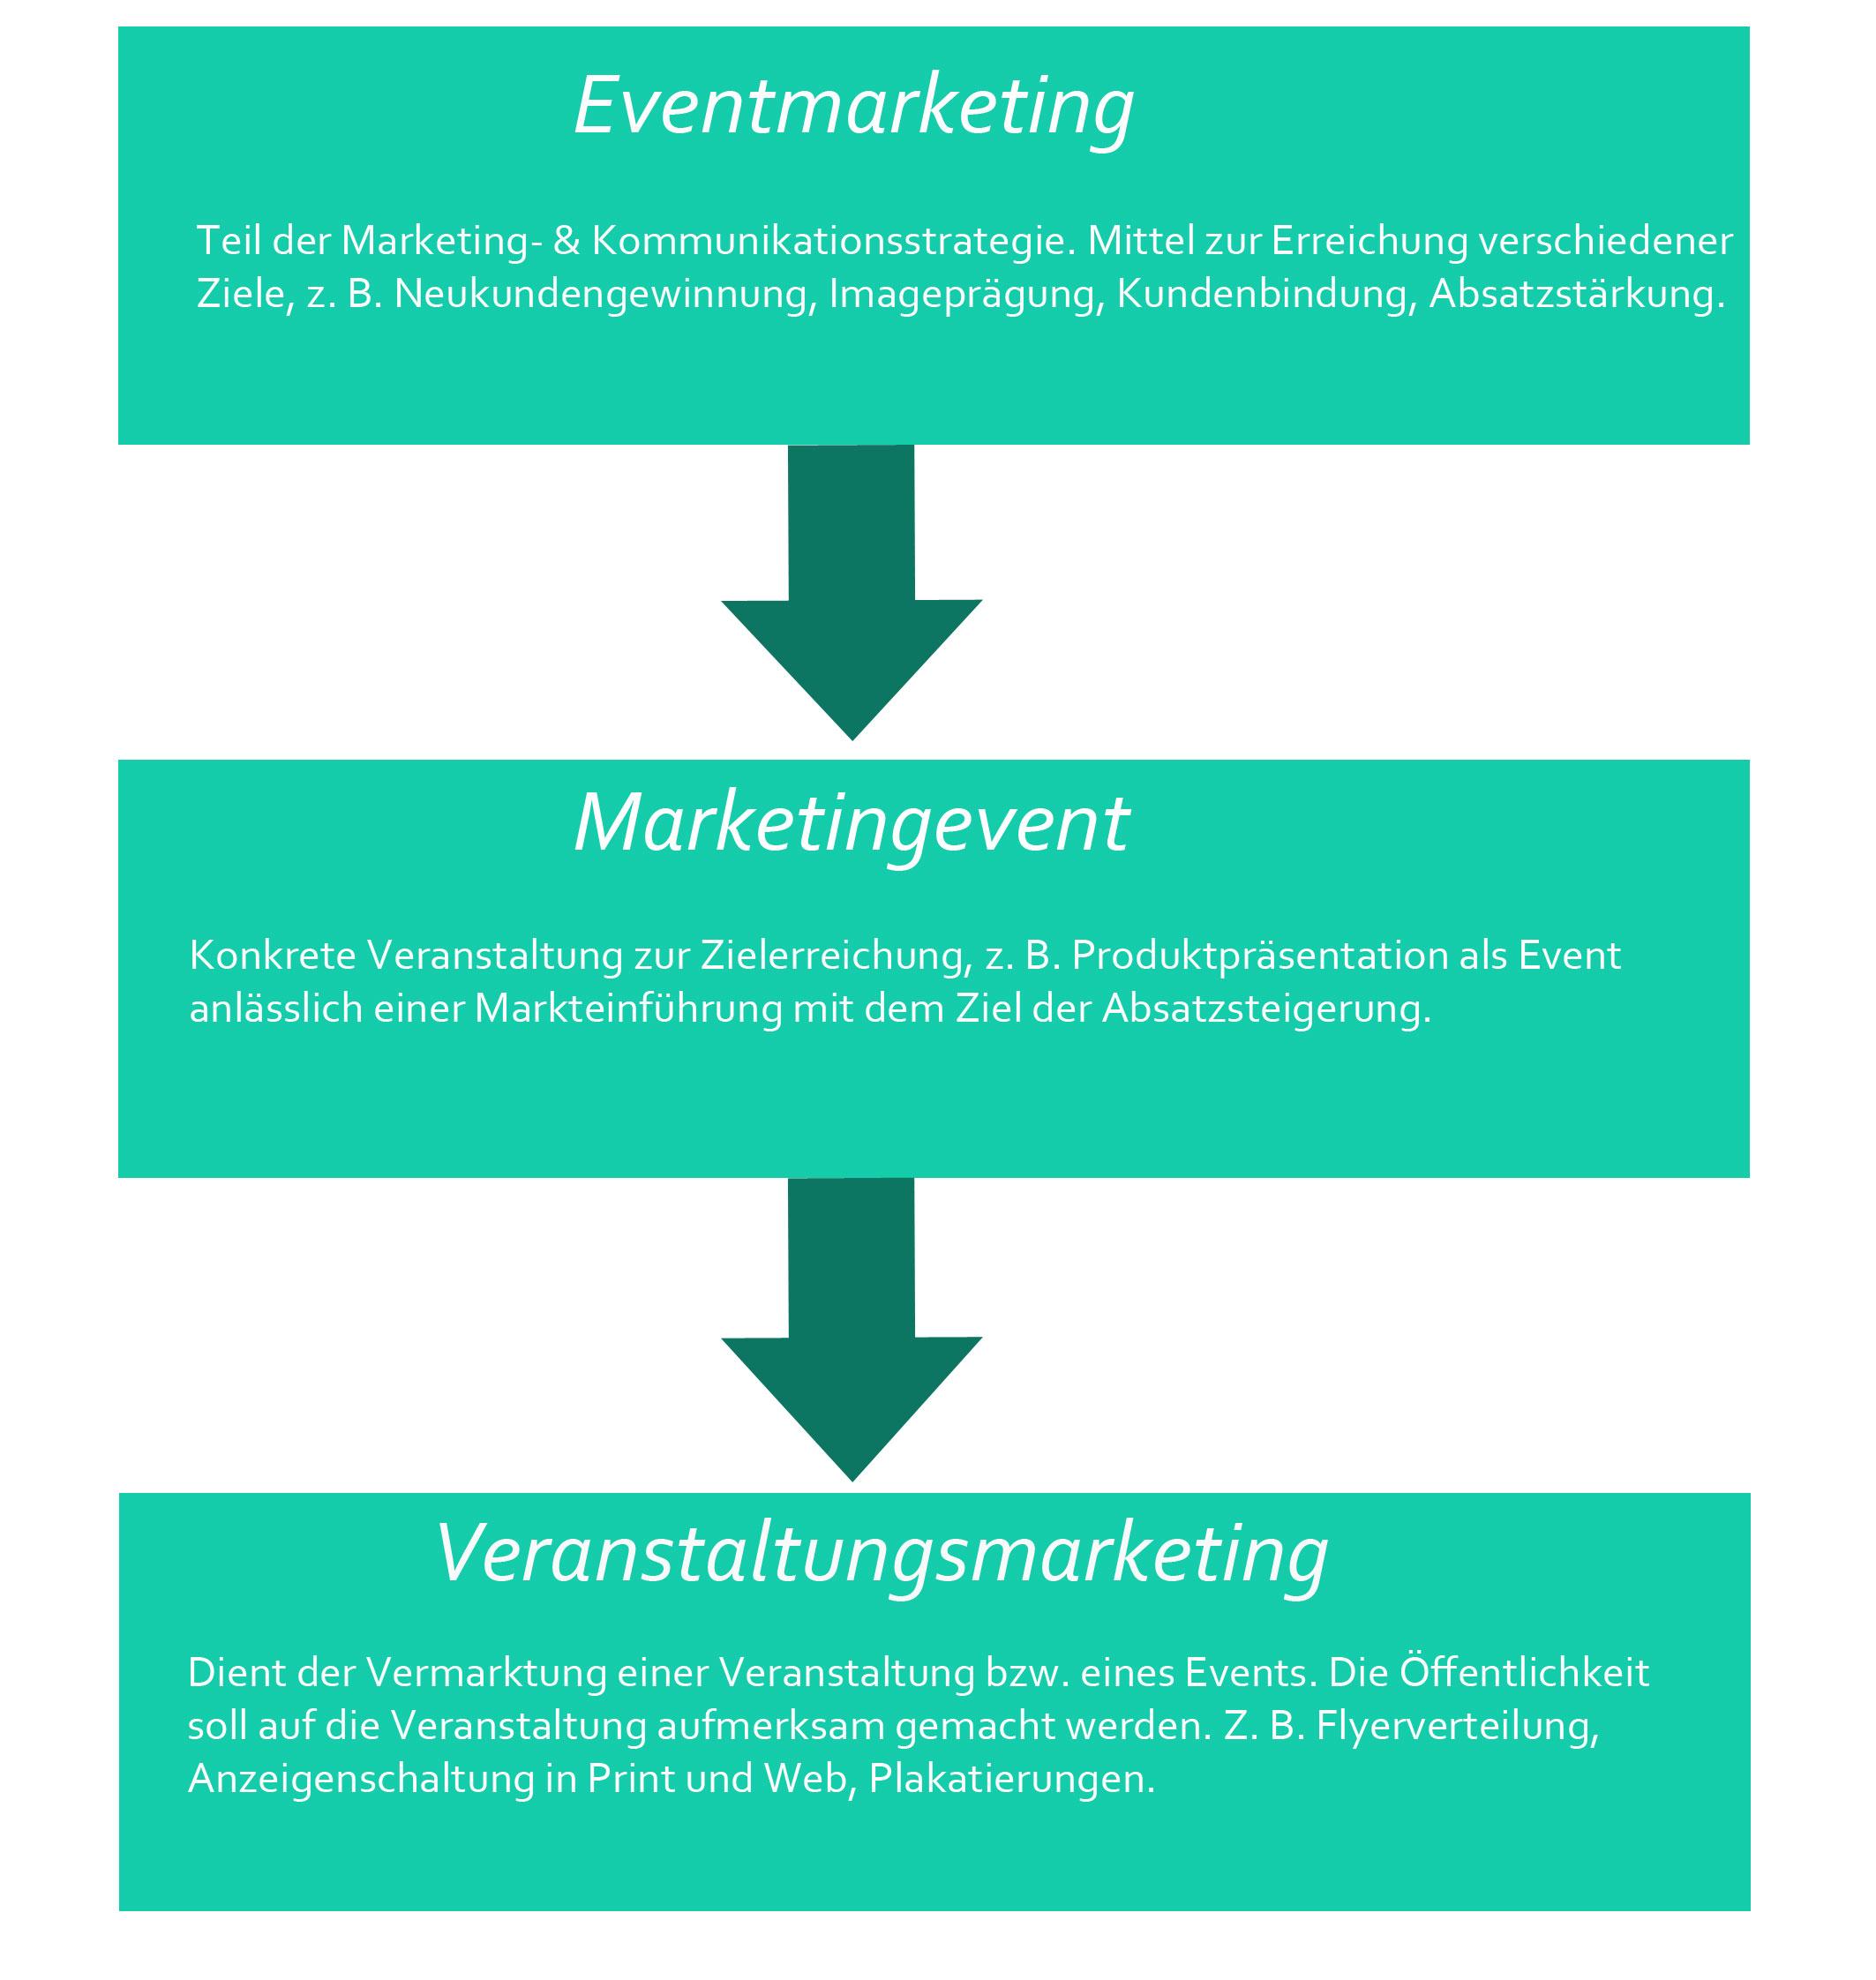 Eventmarketing und Veranstaltungsmarketing im Vergleich